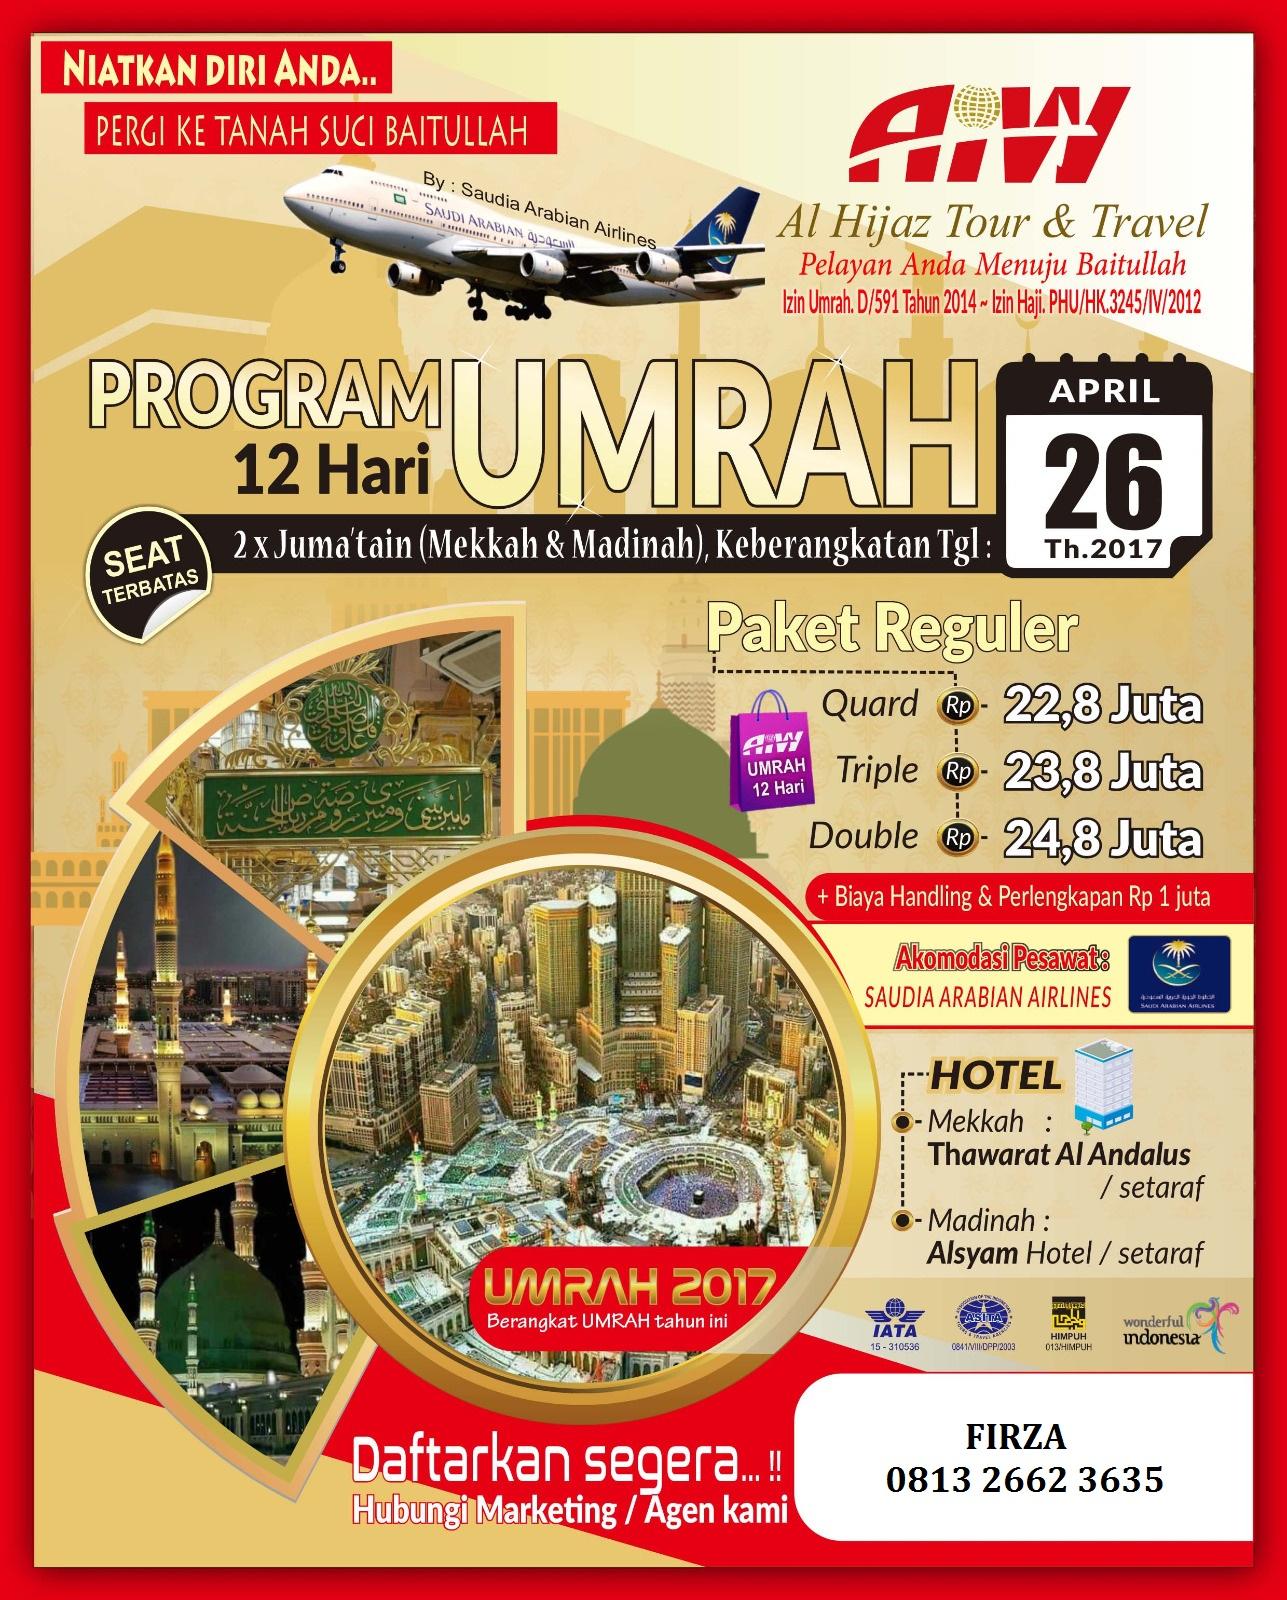 Promo Umroh 12 hari Landing Jeddah